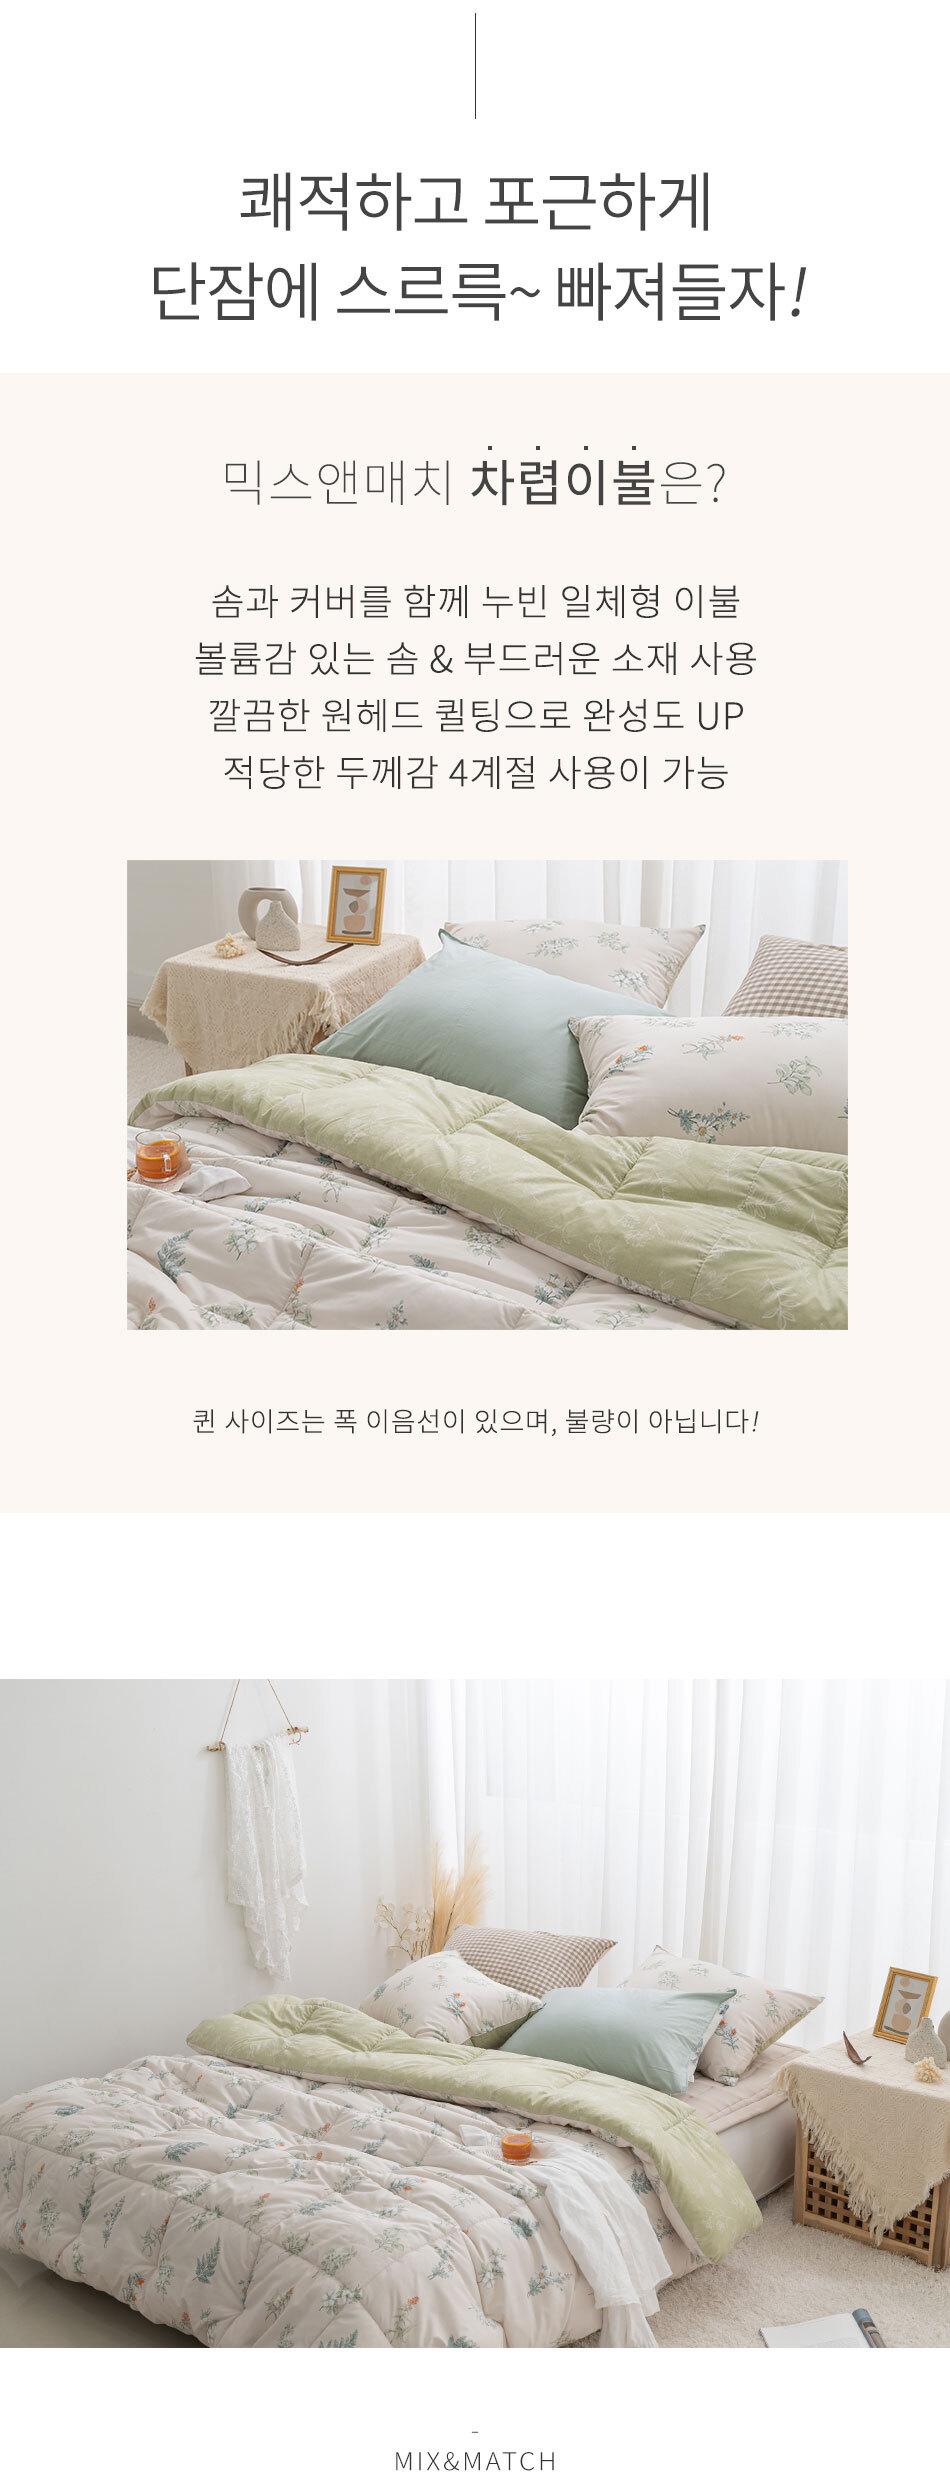 mellow_bed_04.jpg